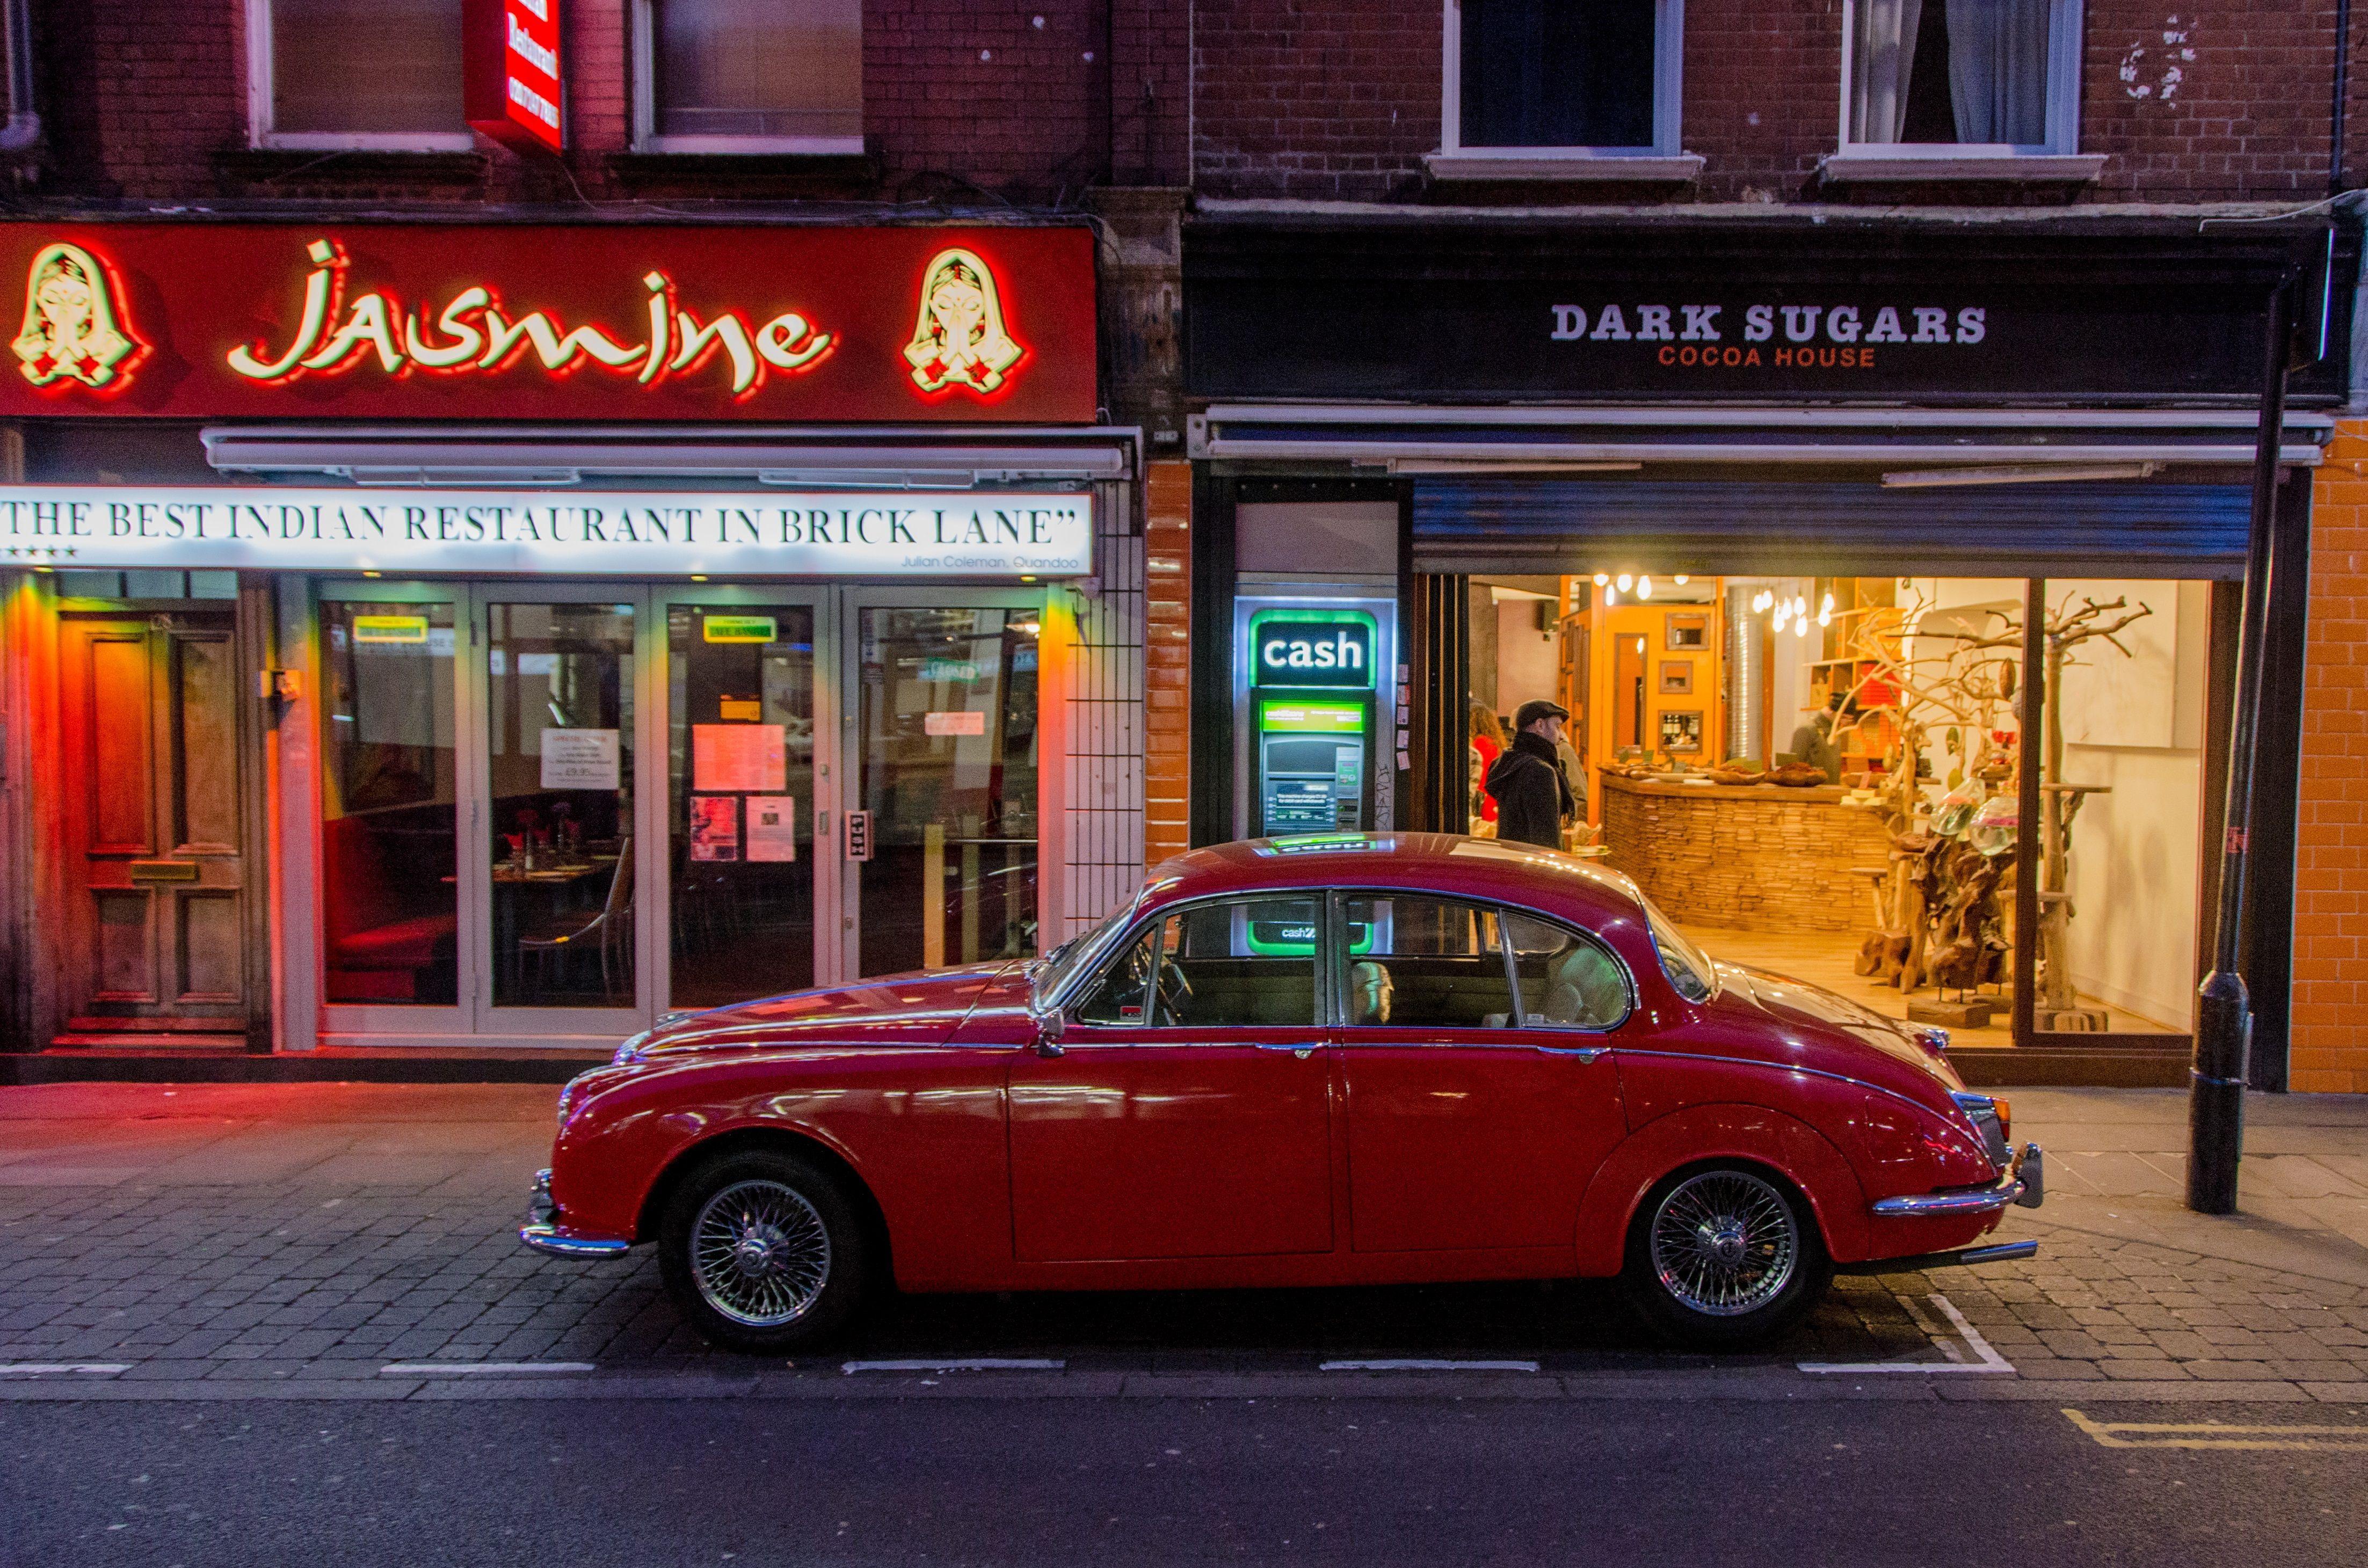 classic car in London